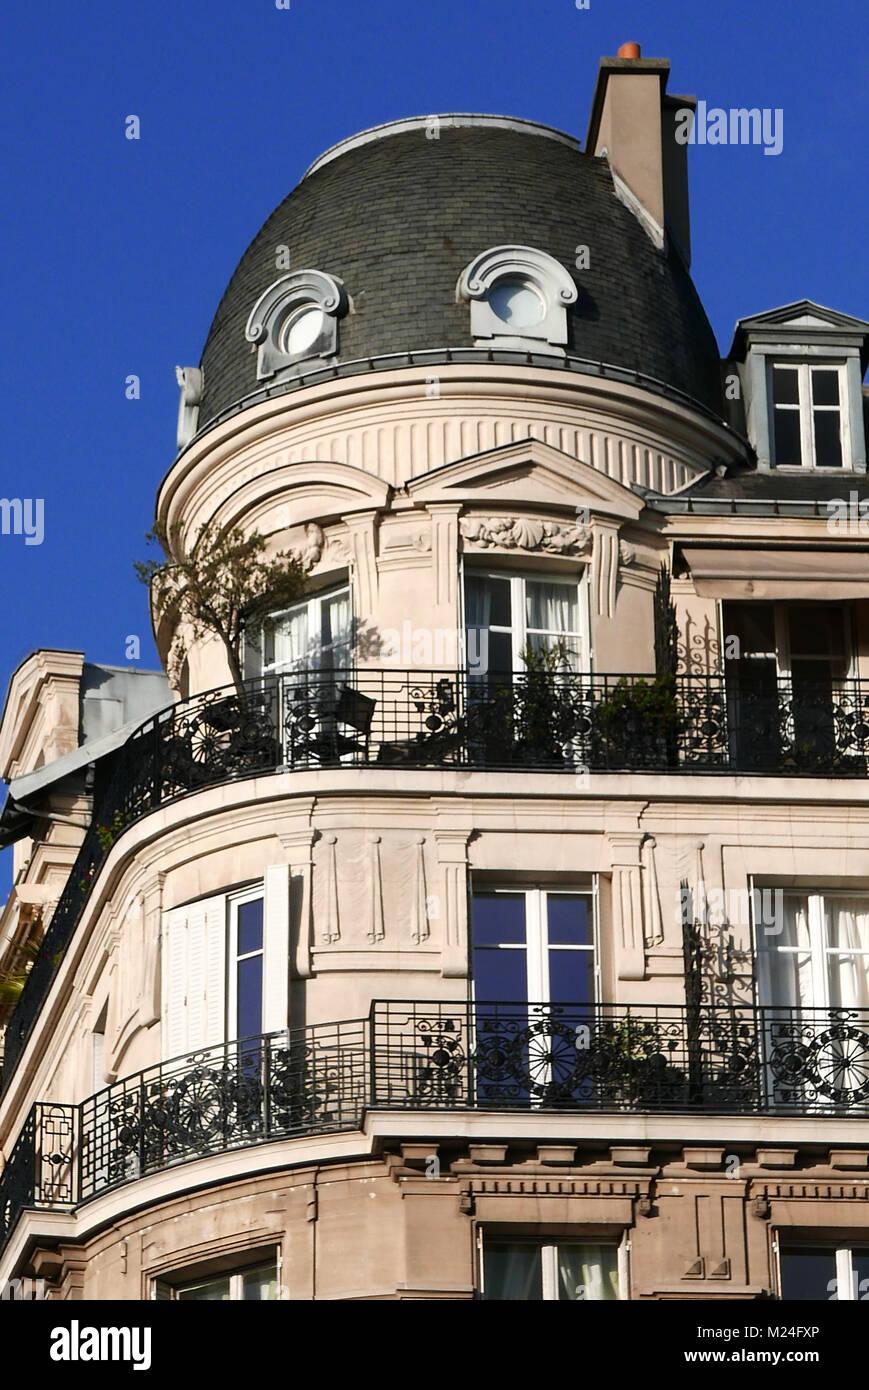 France Paris Haussmann Building Facade Stock Photos